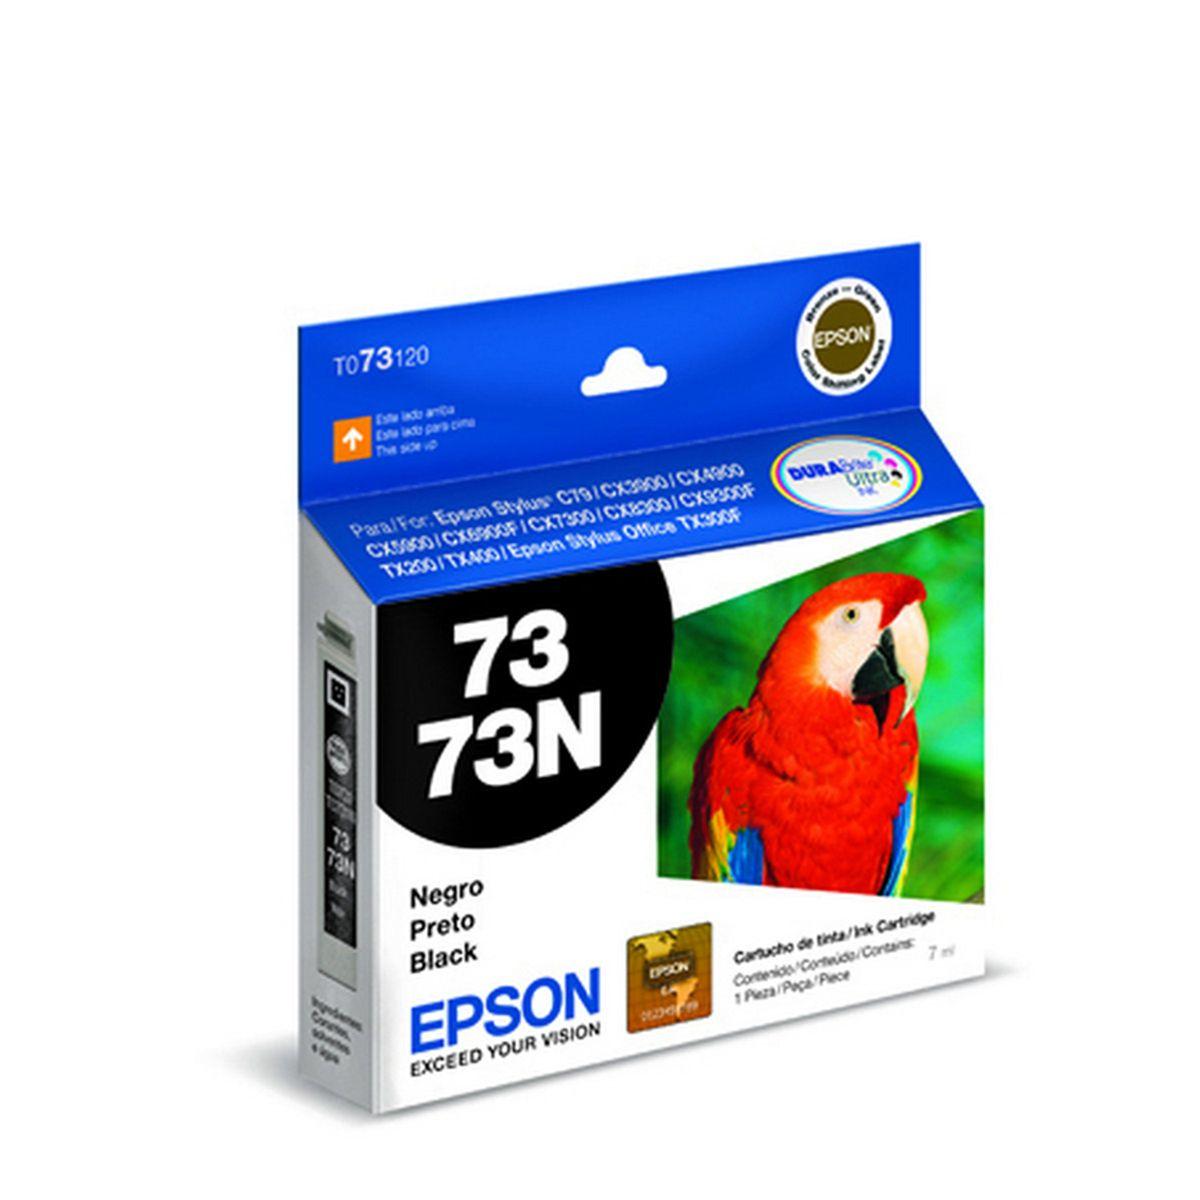 Cartucho Original Epson T073120 TO731 731 Preto para CX4900 c79 cx5900 CX7300